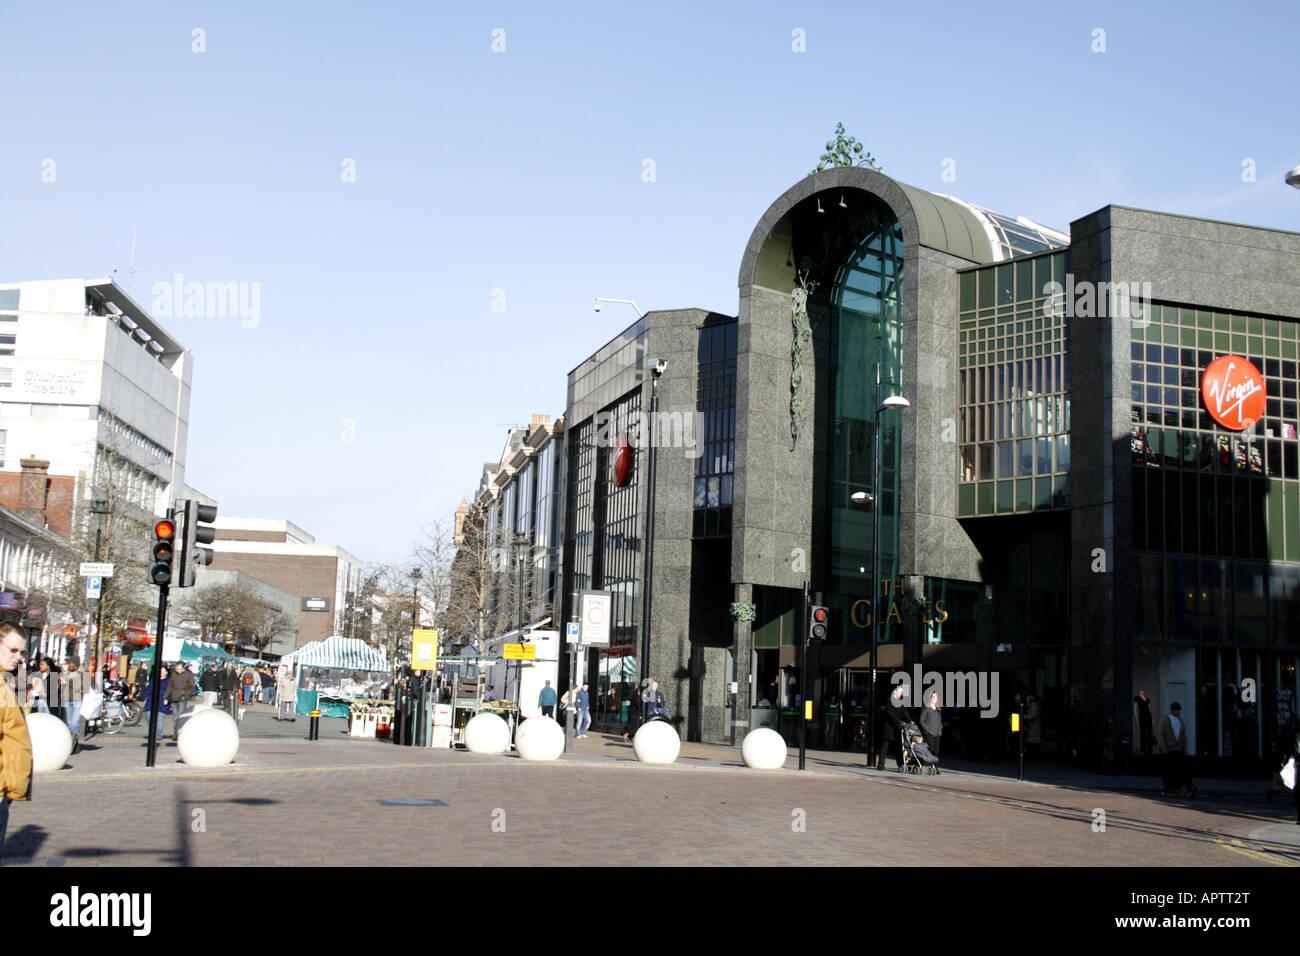 bromley high street kent uk - Stock Image